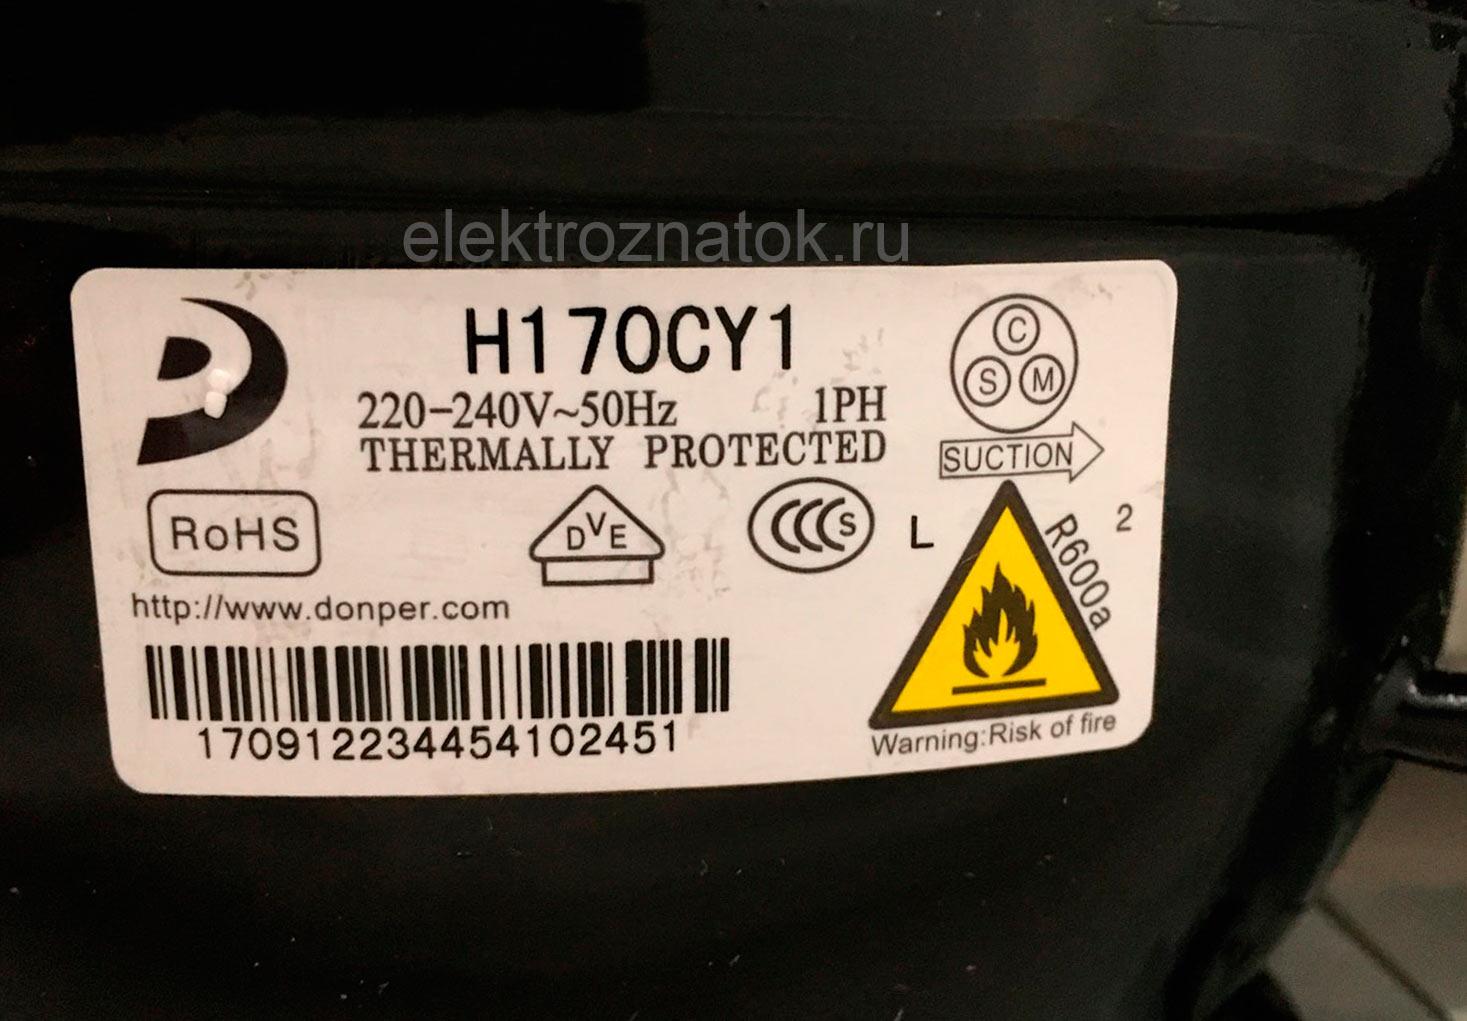 Компрессор Donper H170CY1 - очень шумный